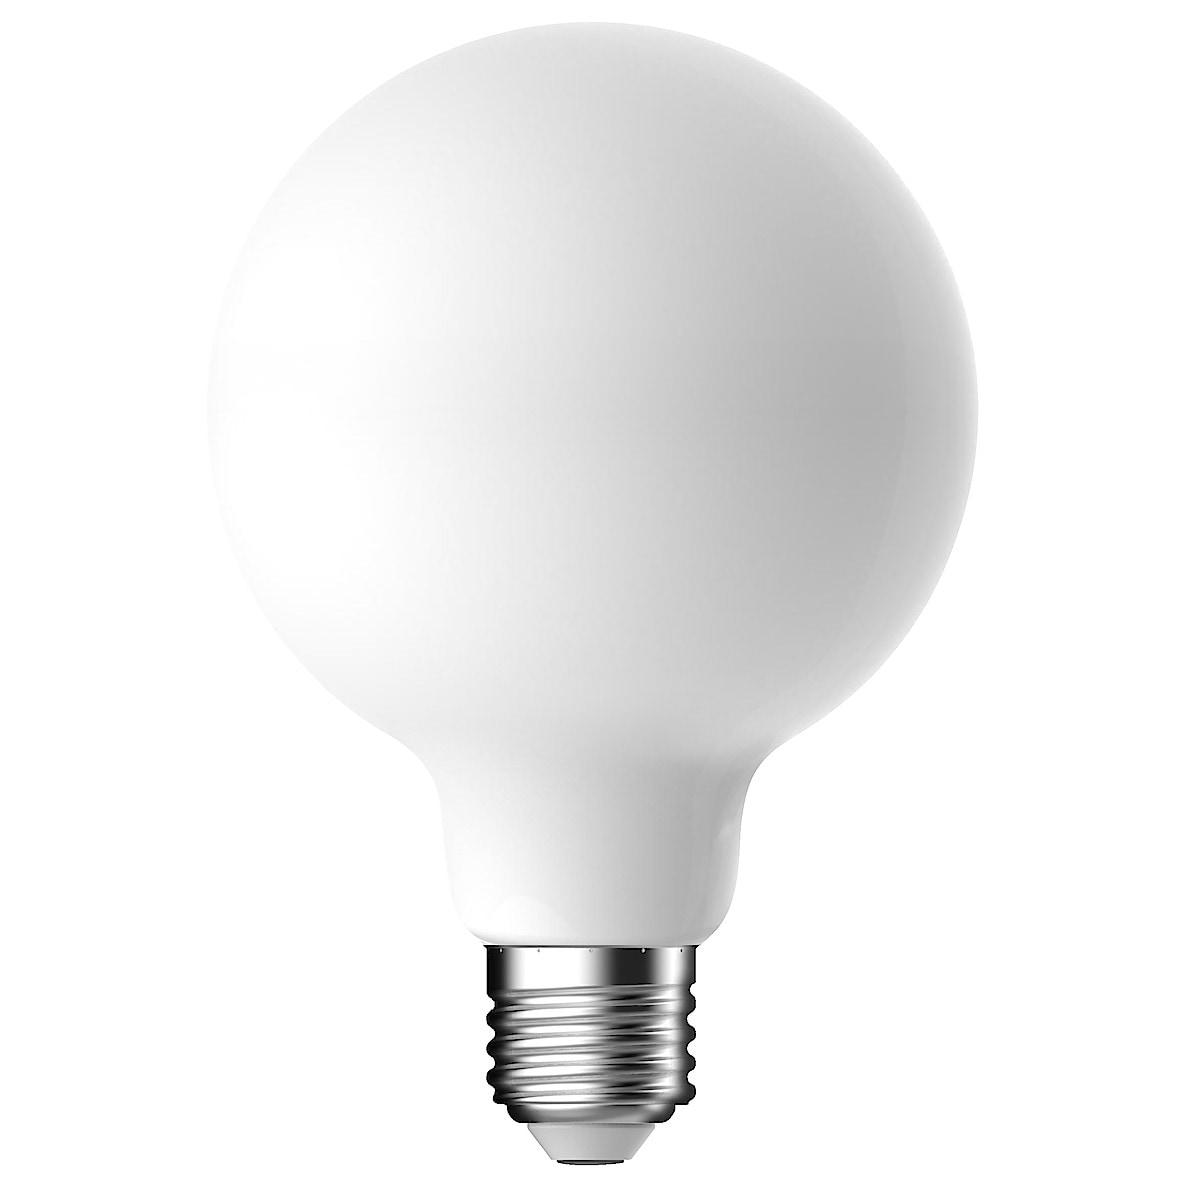 Dimbar dekorationslampa LED Opal E27 Northlight